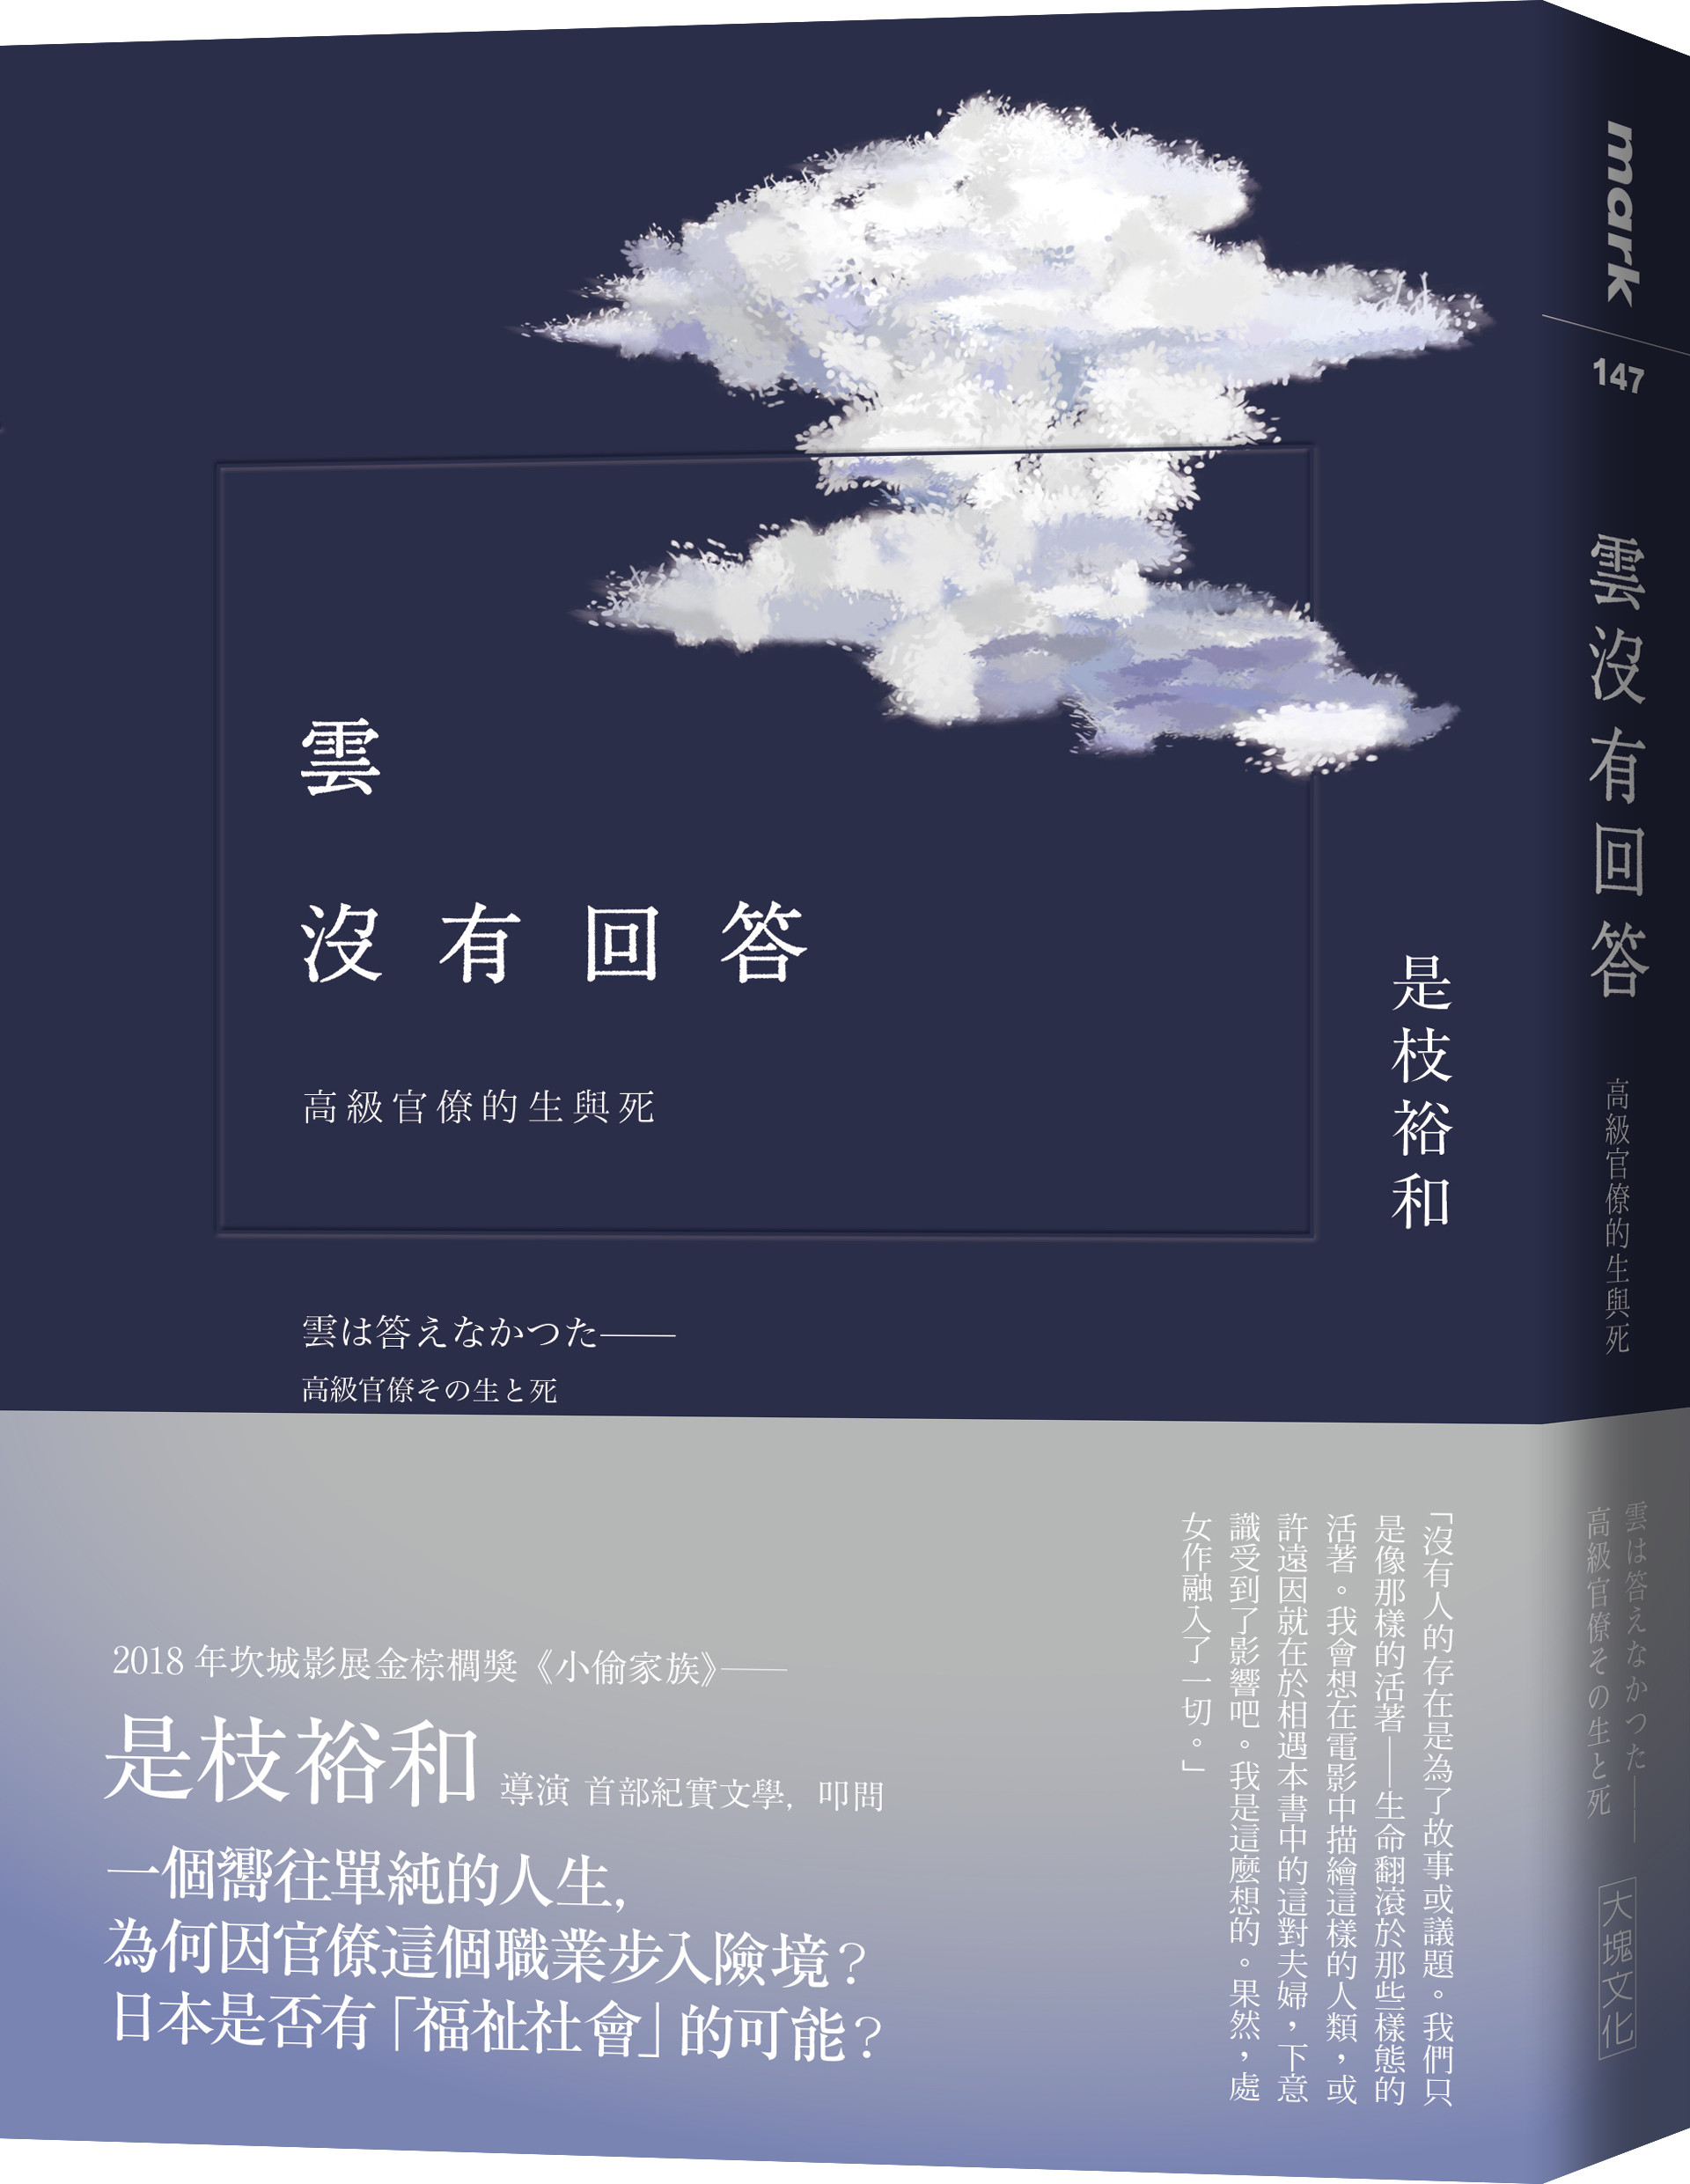 《雲沒有回答:高級官僚的生與死》(圖/大塊文化提供)